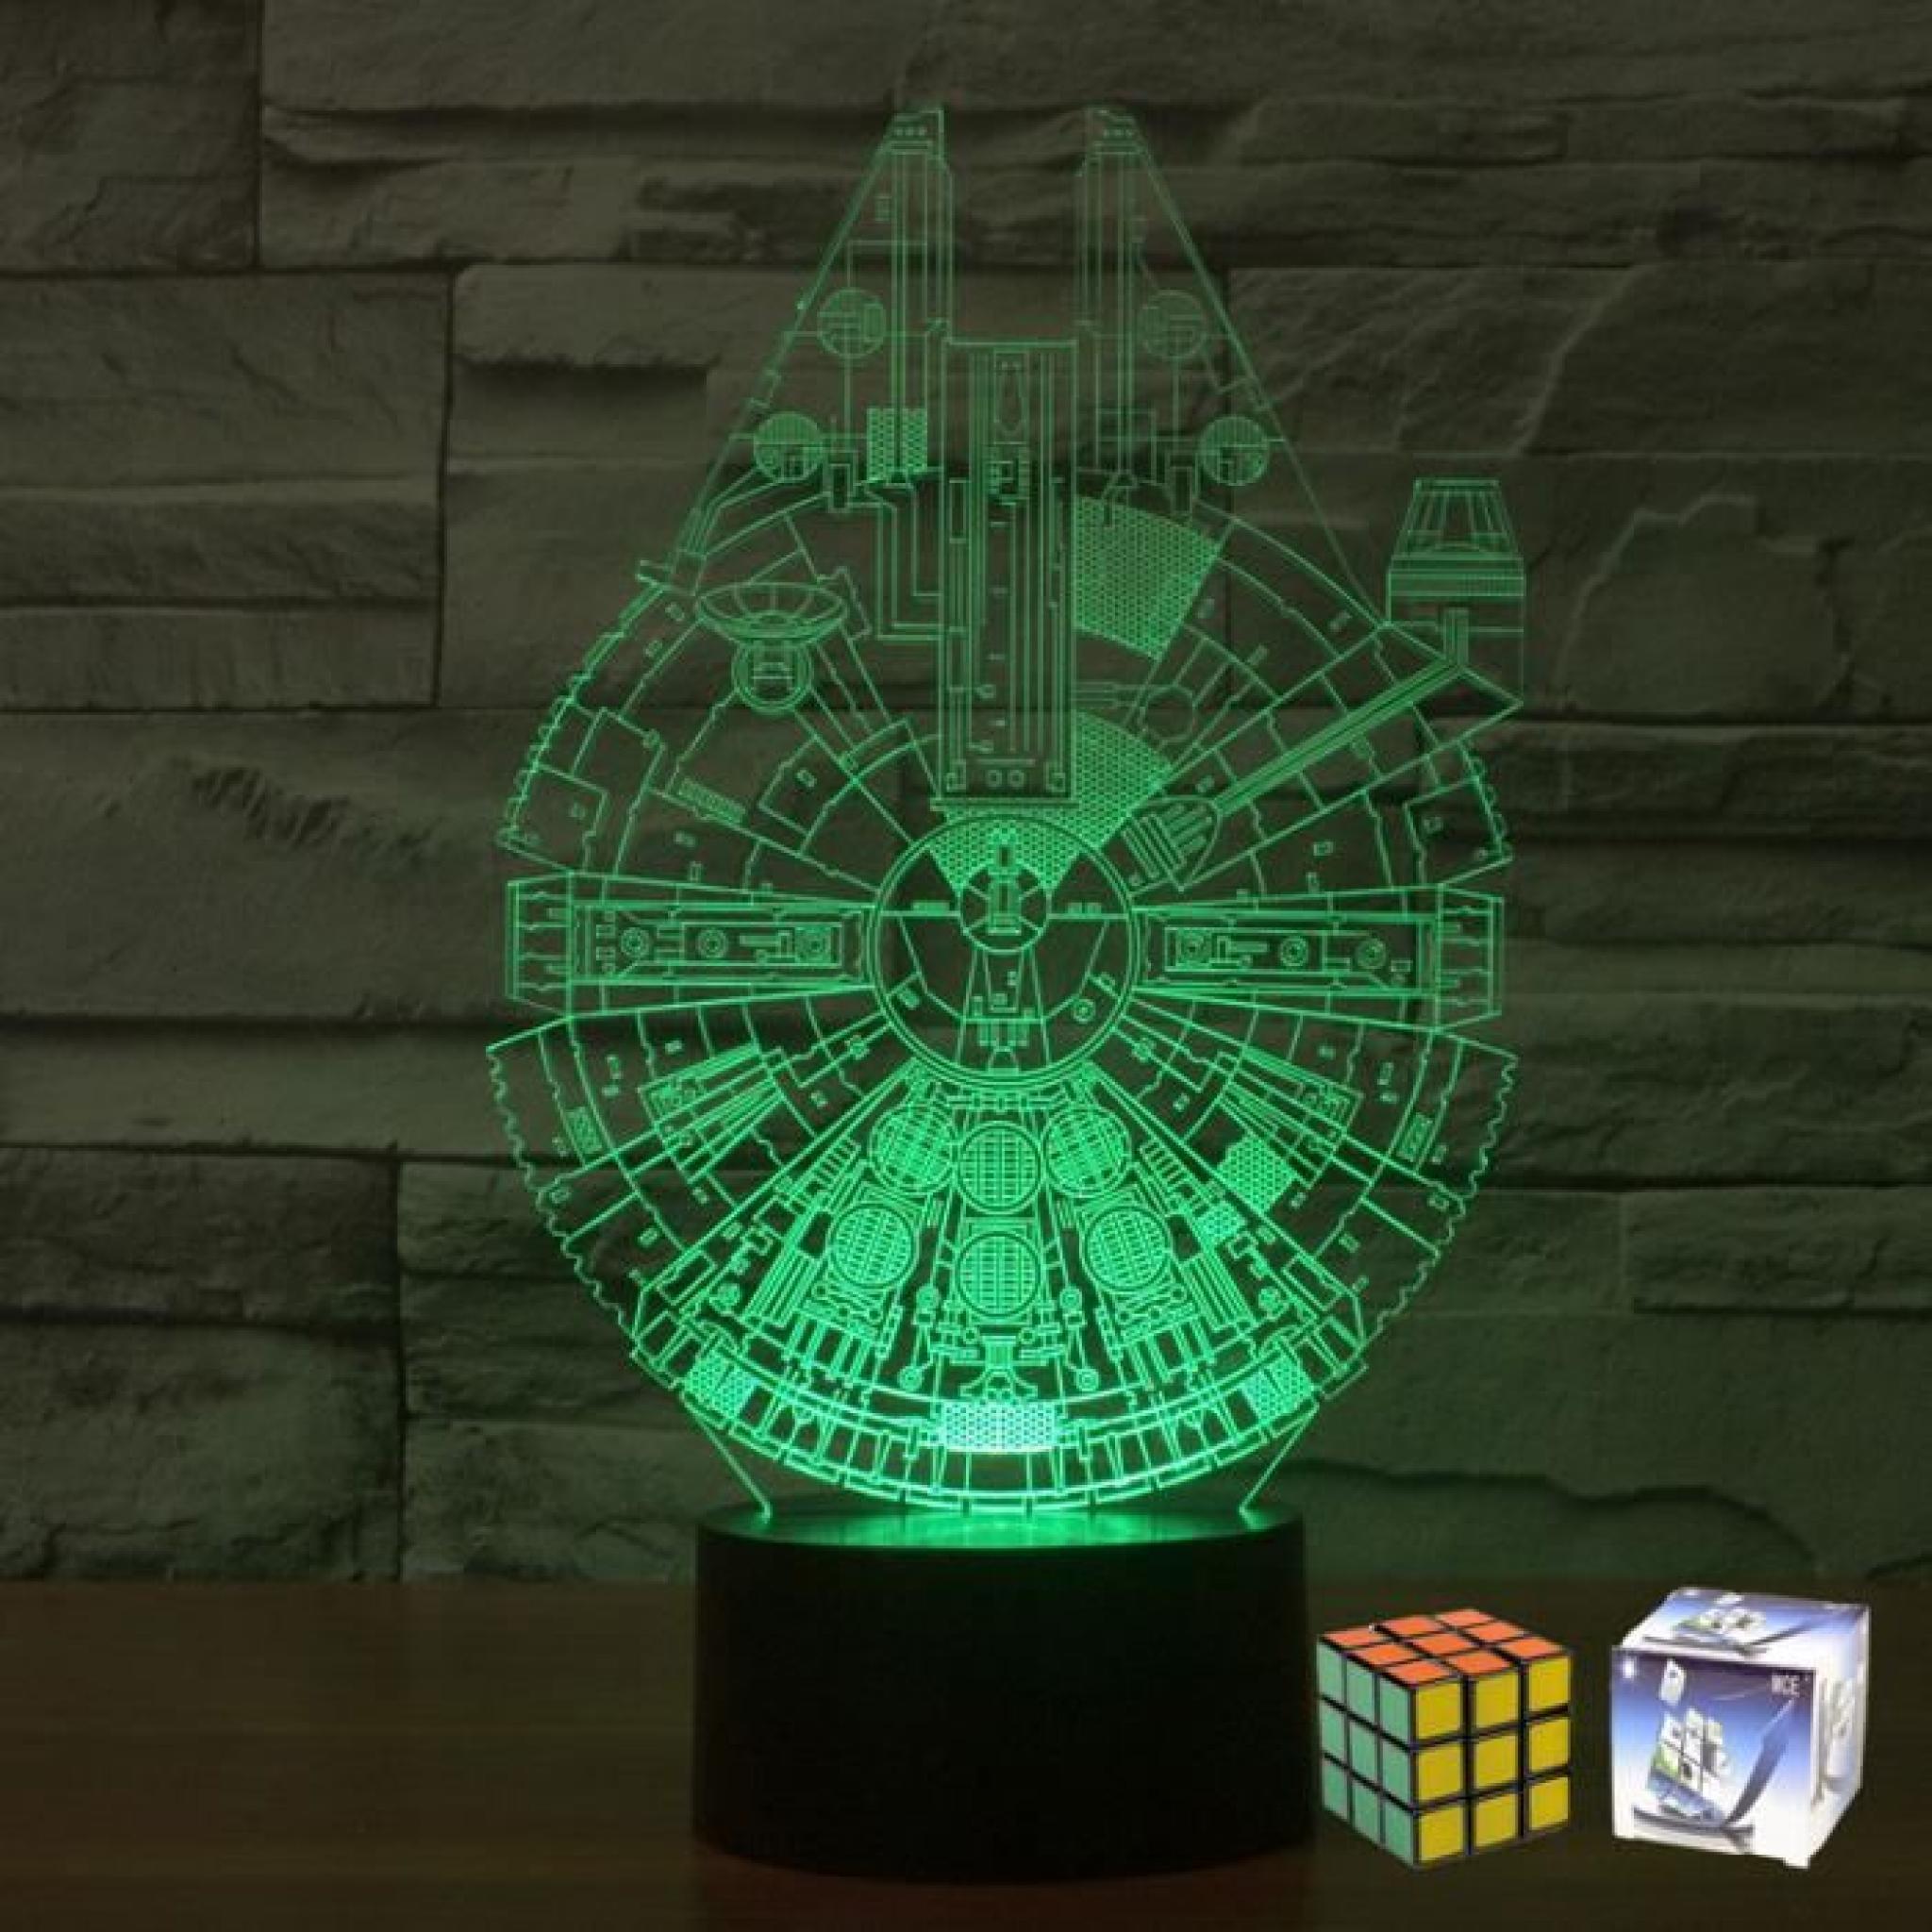 Gradient Star un 3d Mce Wars Cube Millennium Lampe Acrylique Sept Coloré Led Rubik's Gratuit Falco Yf7gyvIm6b